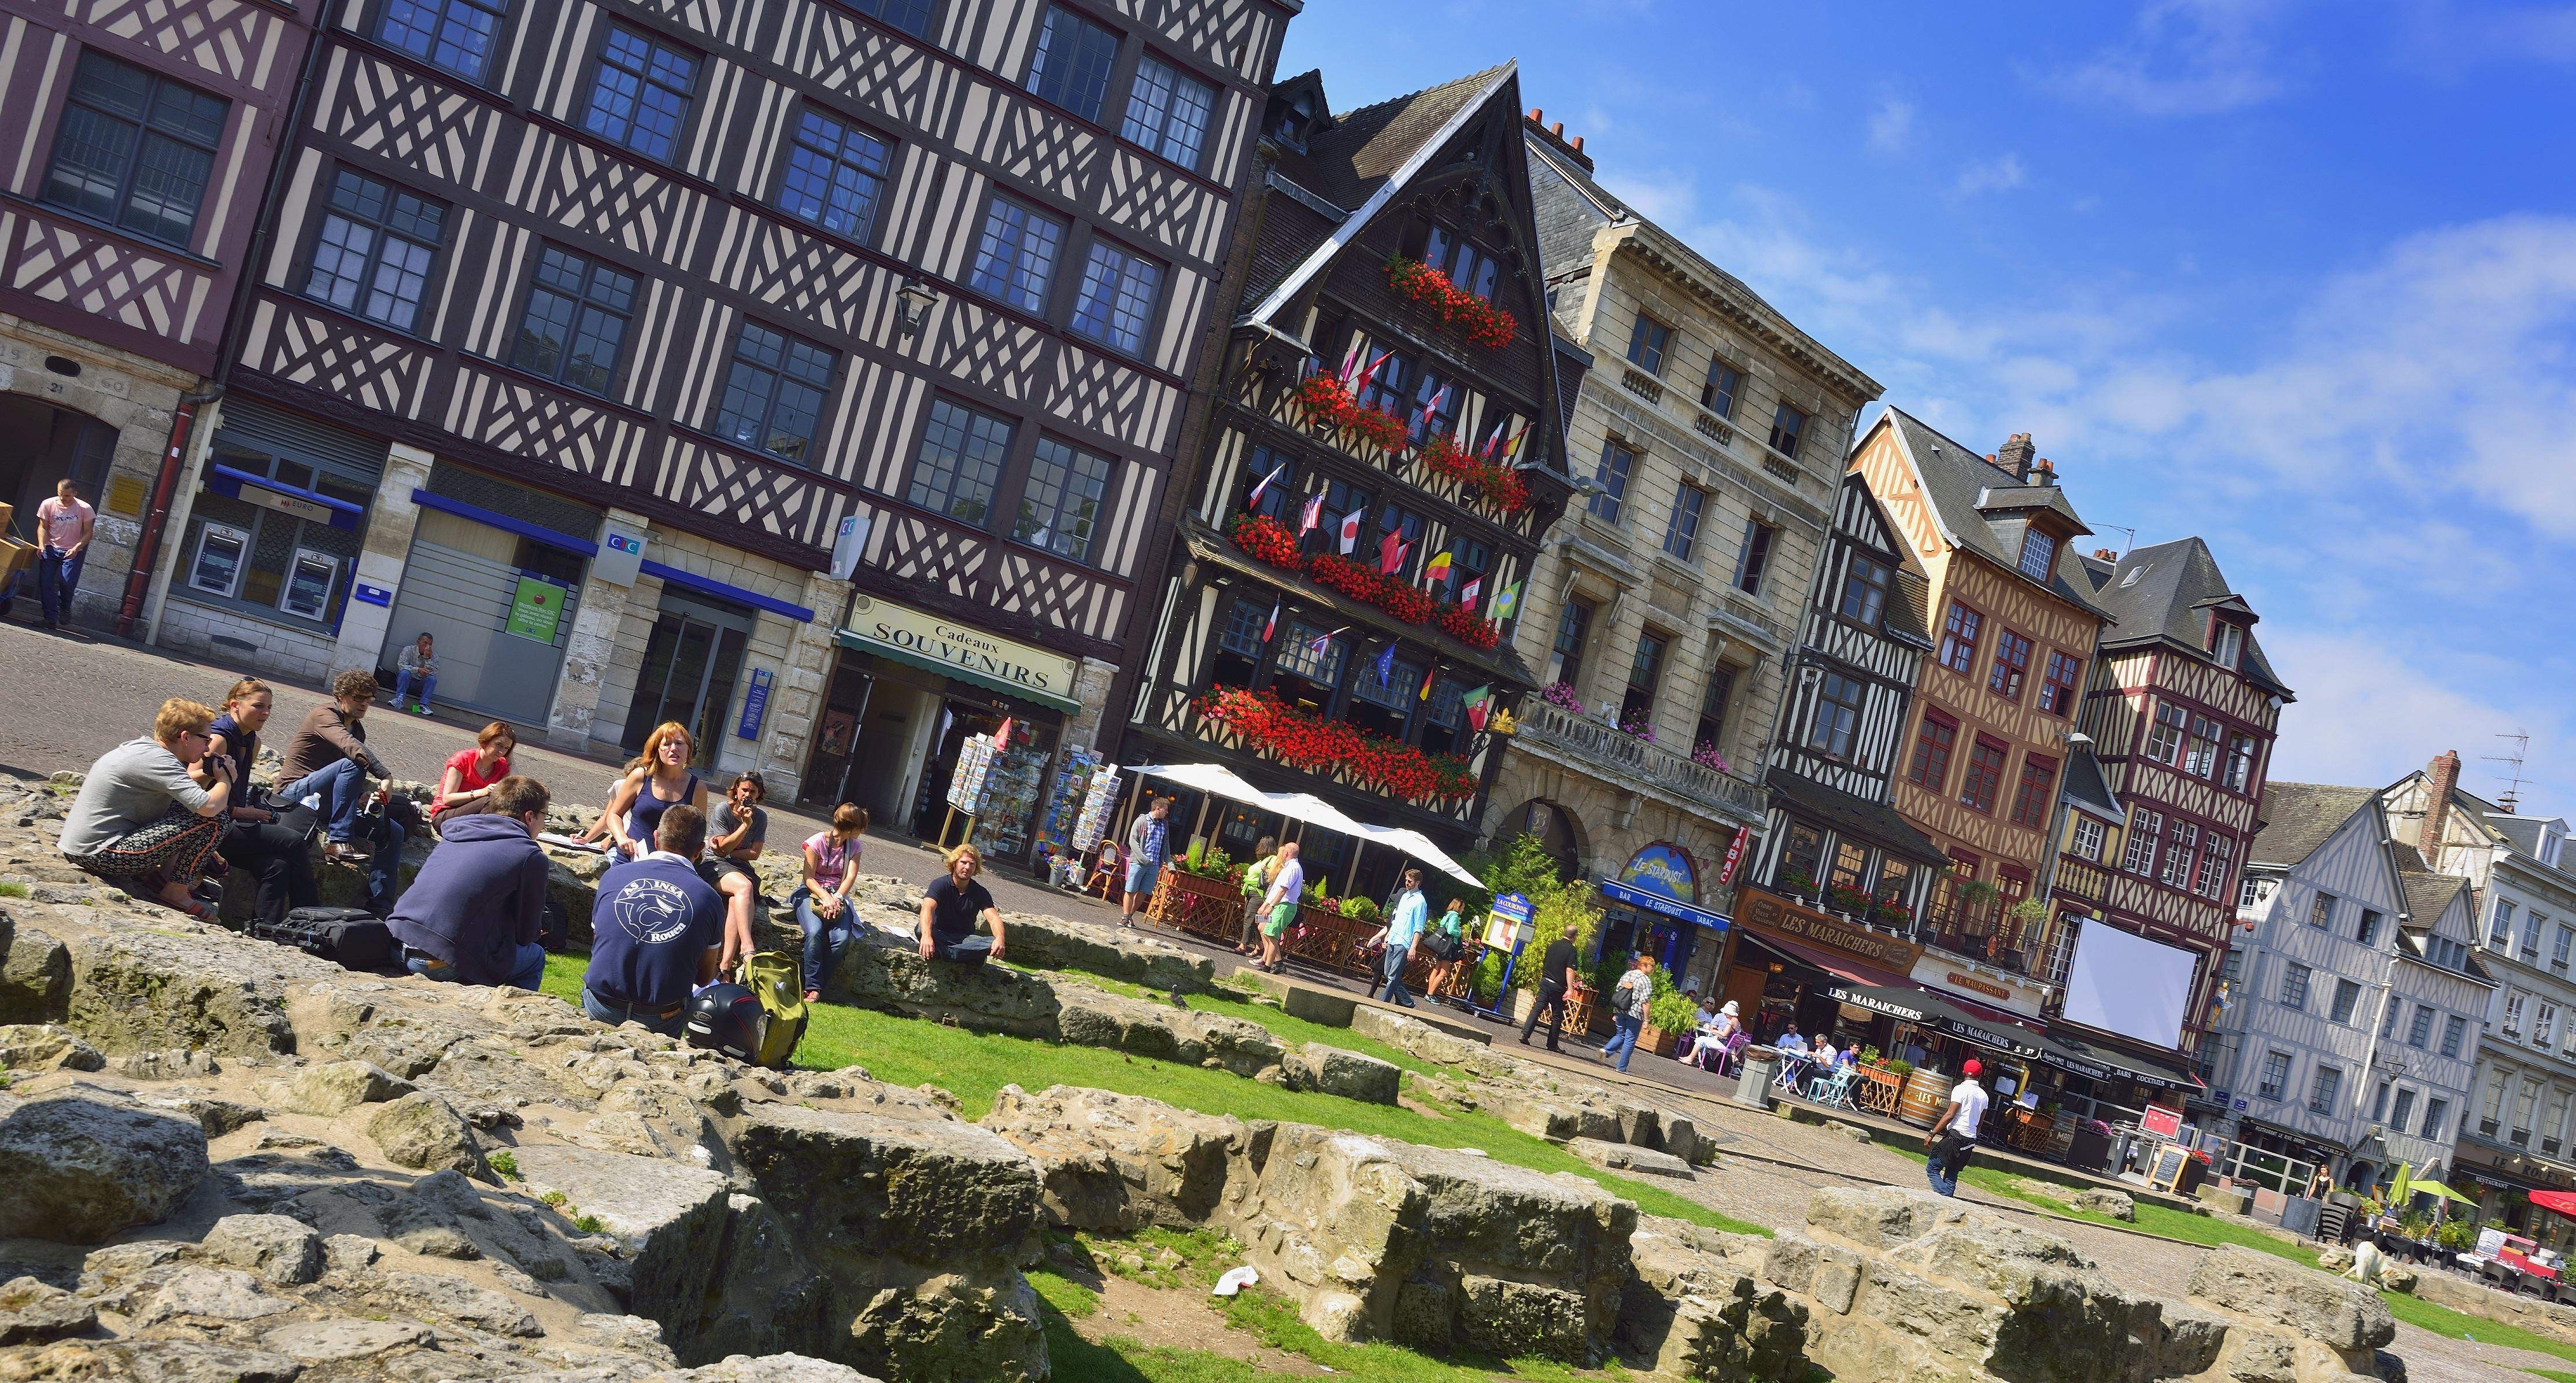 Réforme et contre réforme à Rouen, les 500 ans du Protestantisme (visites guidées)